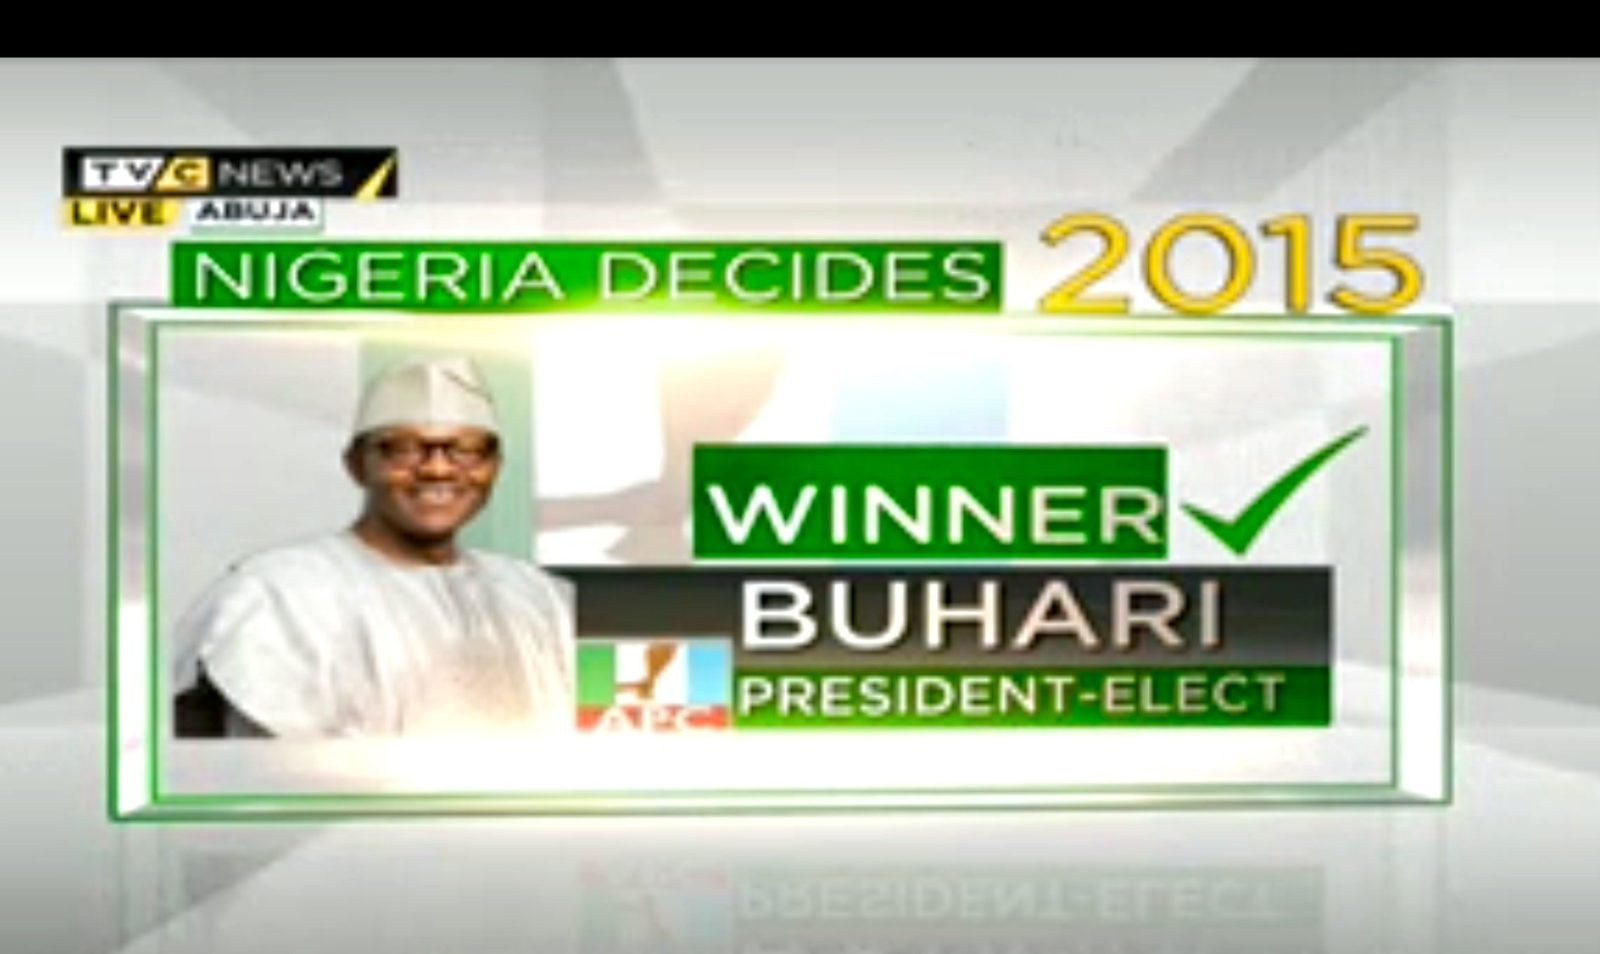 Nigeria President Elect - Muhamadu Buhari wins election 2015